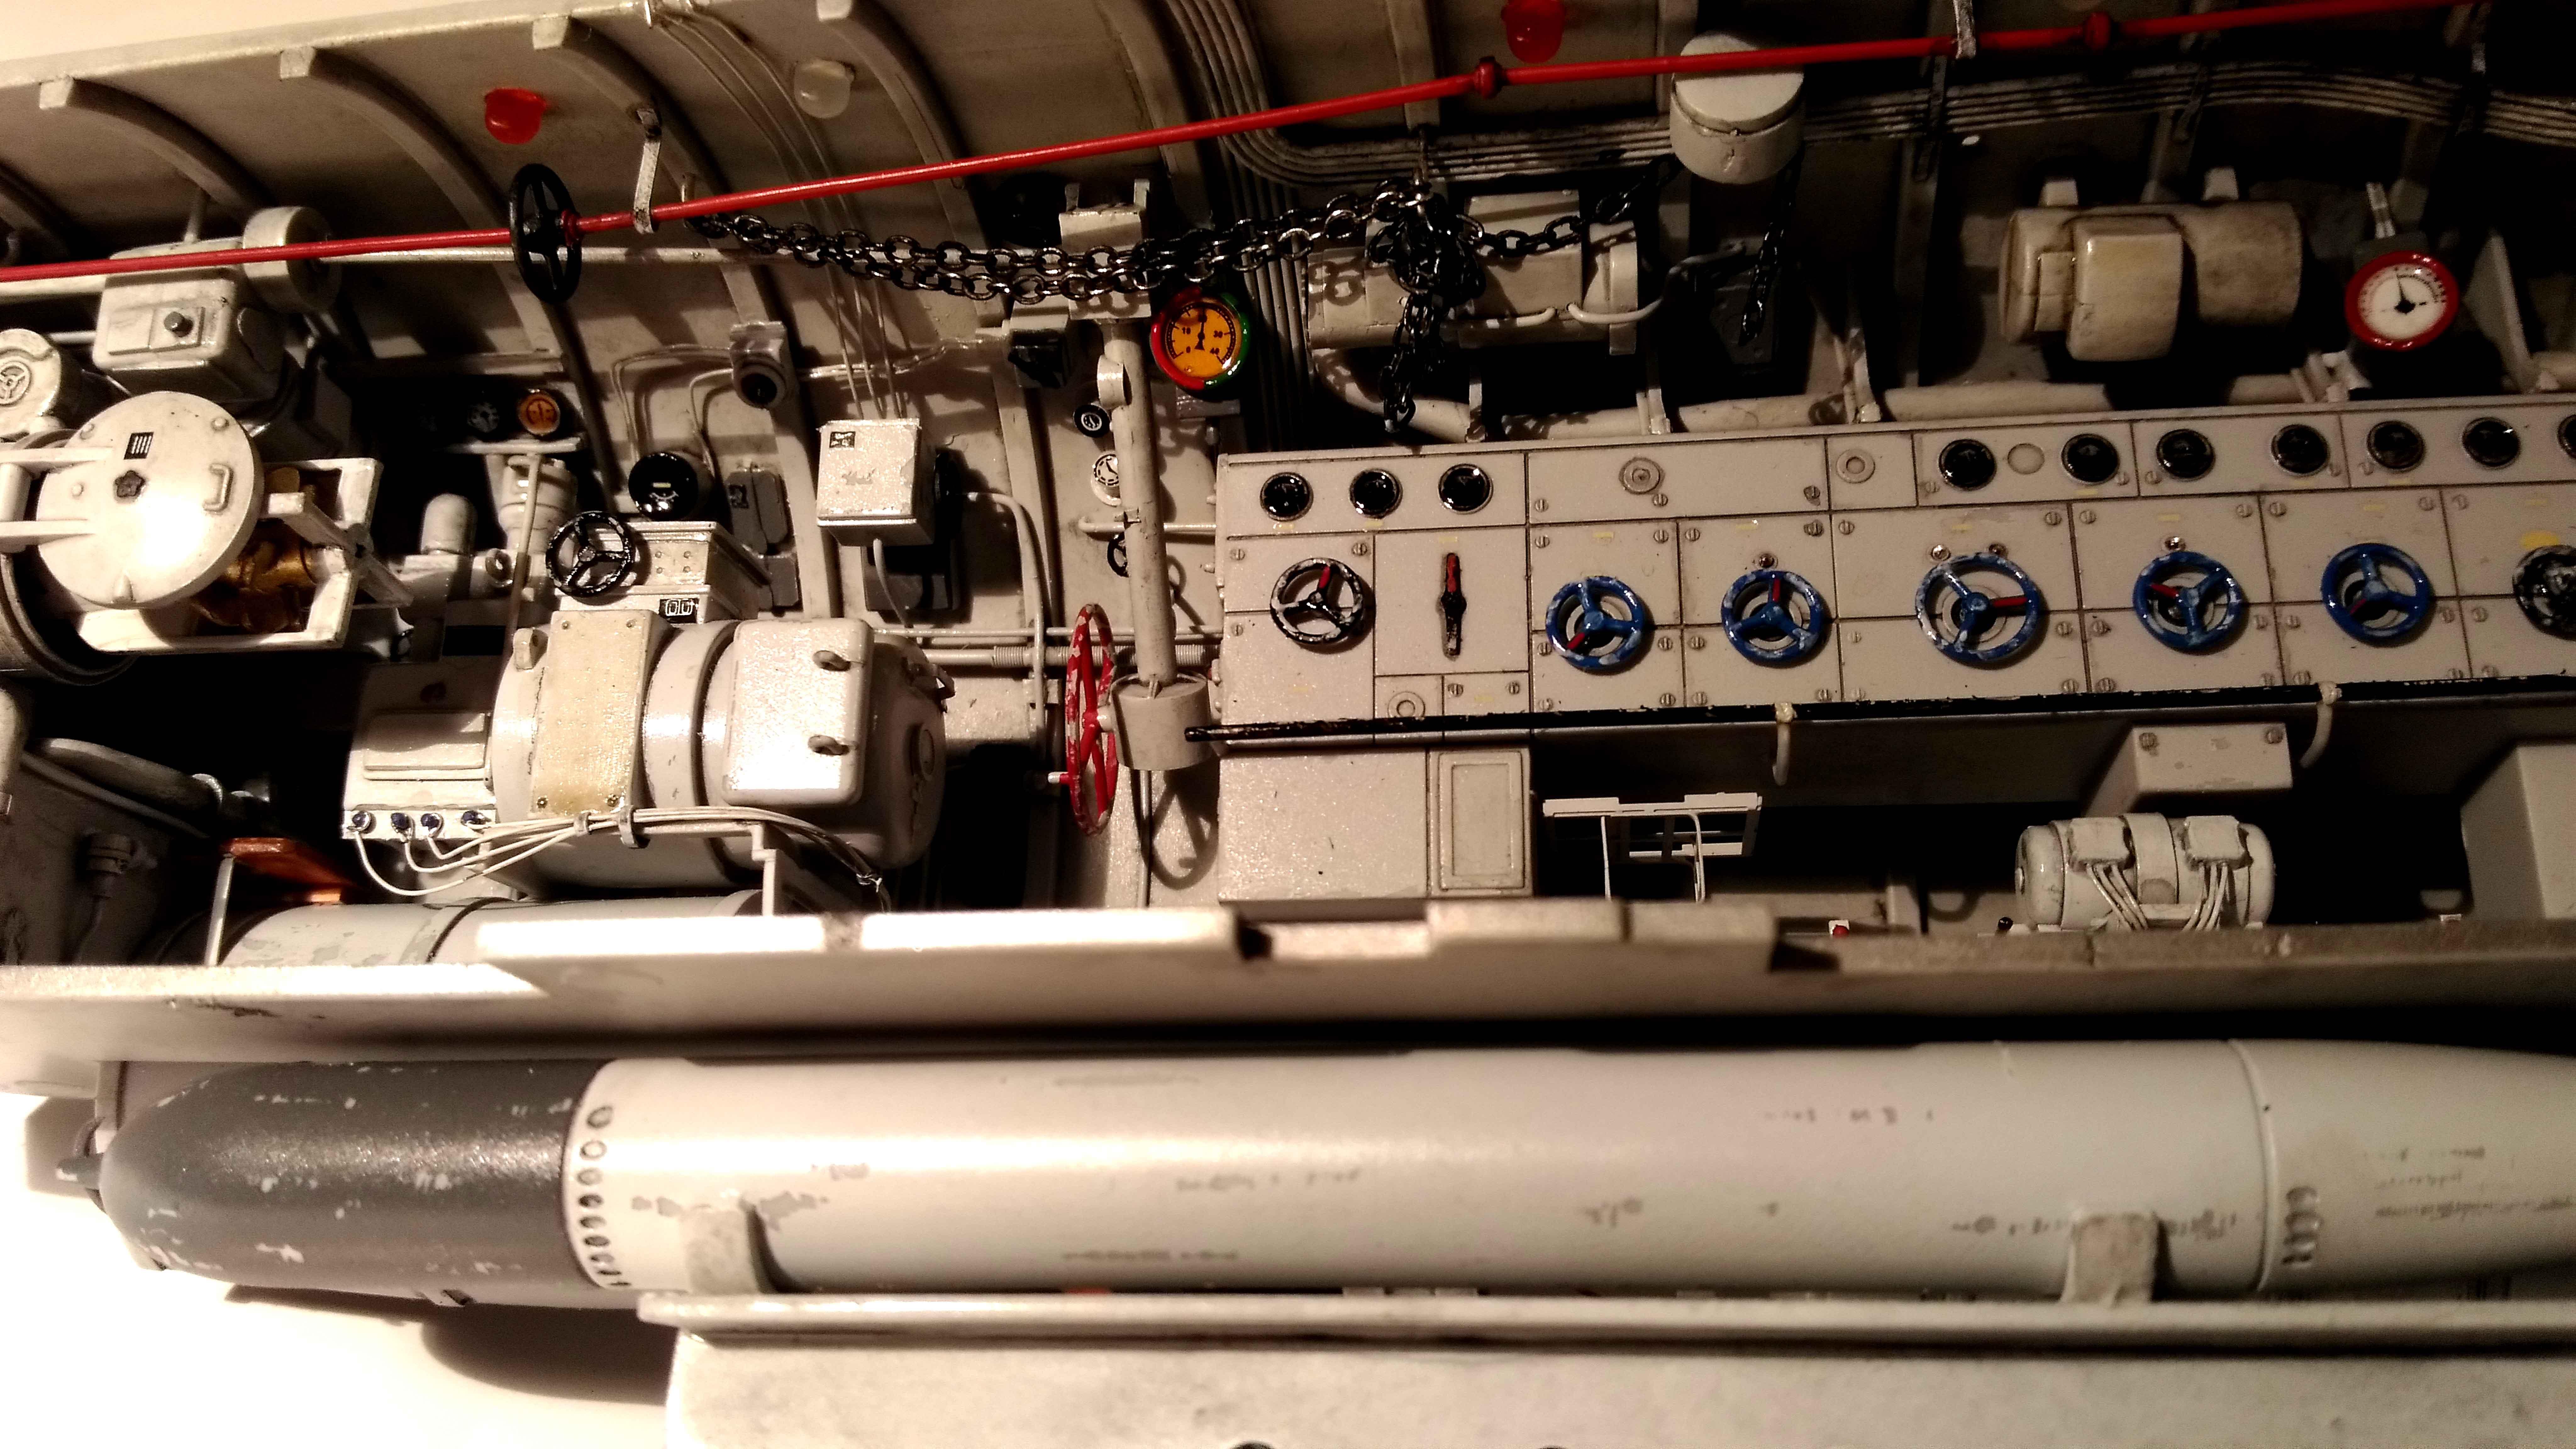 U-552 TRUMPETER Echelle 1/48 - Page 6 18012809530223648415509988